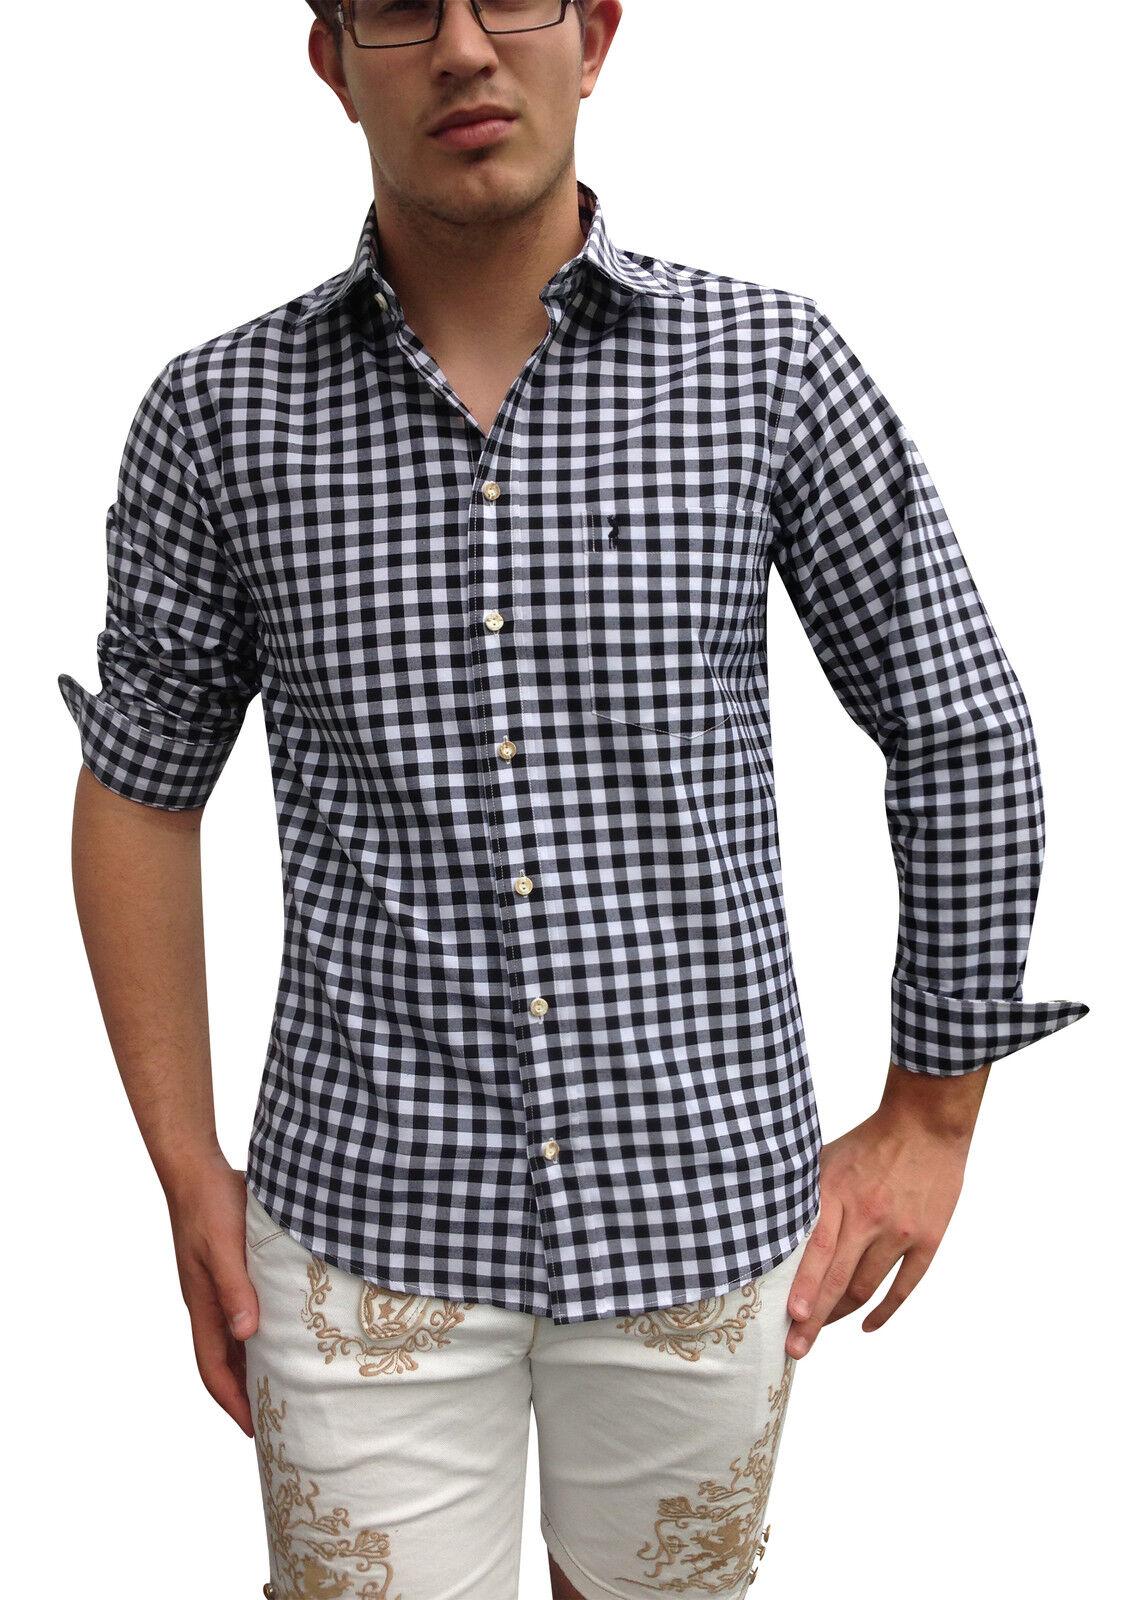 Herren Hemden Trachtenhemden Freizeithemden Business Schwarz Schwarz Schwarz Weiß Baumwolle | Umweltfreundlich  | Kaufen Sie beruhigt und glücklich spielen  | Deutschland Store  | Gewinnen Sie das Lob der Kunden  | eine breite Palette von Produkten  e7955e